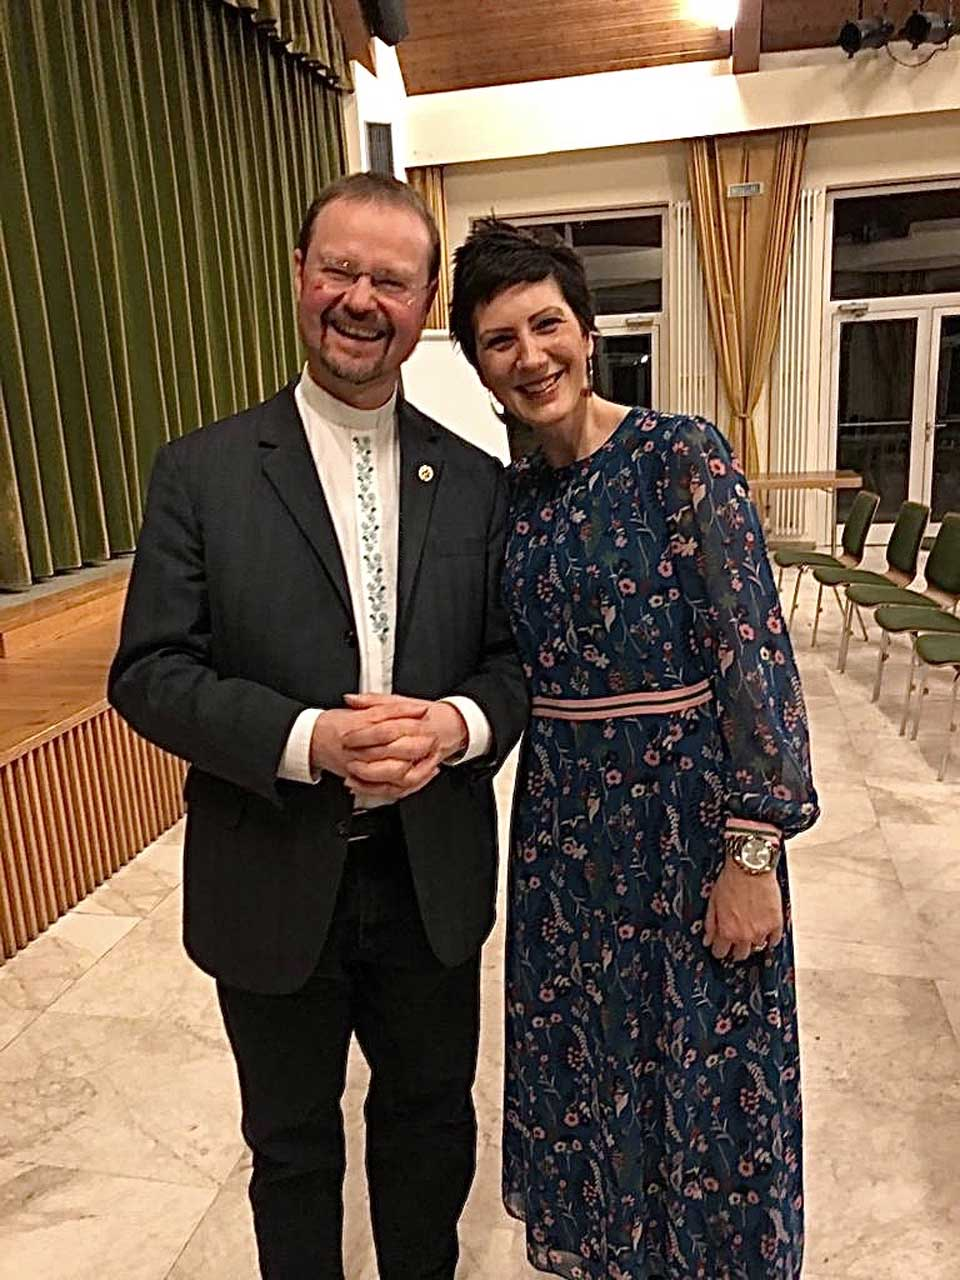 Litauen Situation und Hilfe Stadtpfarrer Georg Bühler und Eva